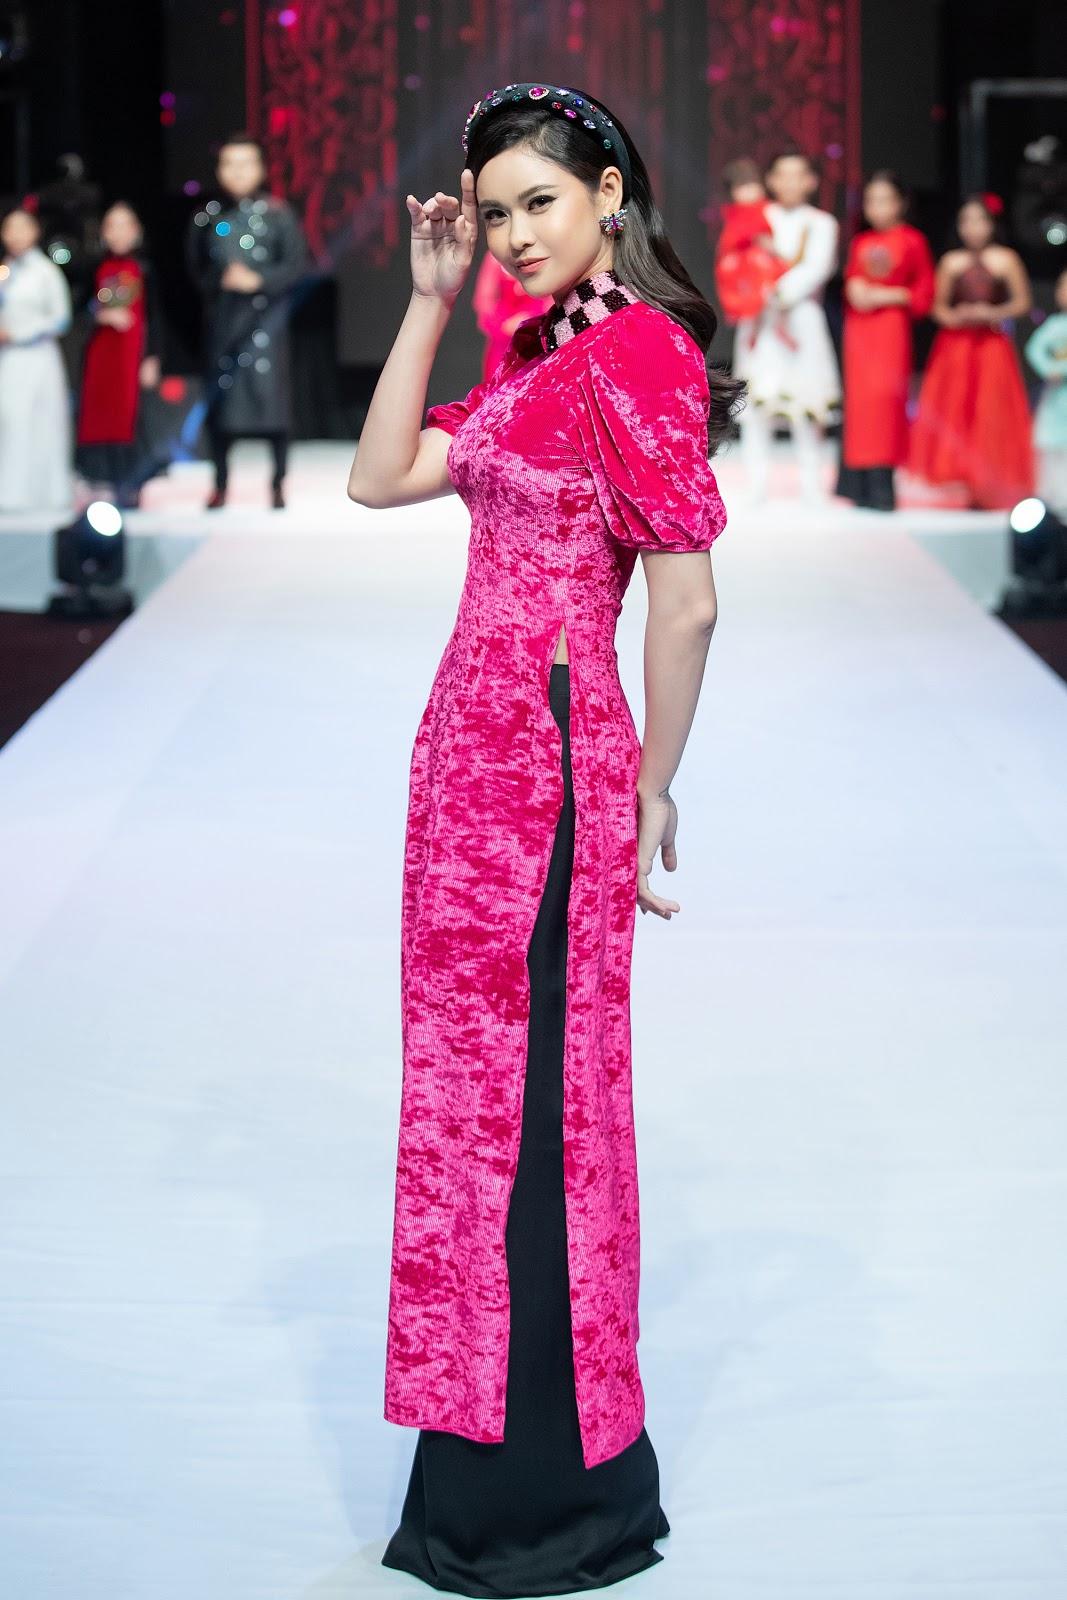 Xúc động hình ảnh Trương Quỳnh Anh và con trai trong hậu trường show diễn thời trang - Hình 5